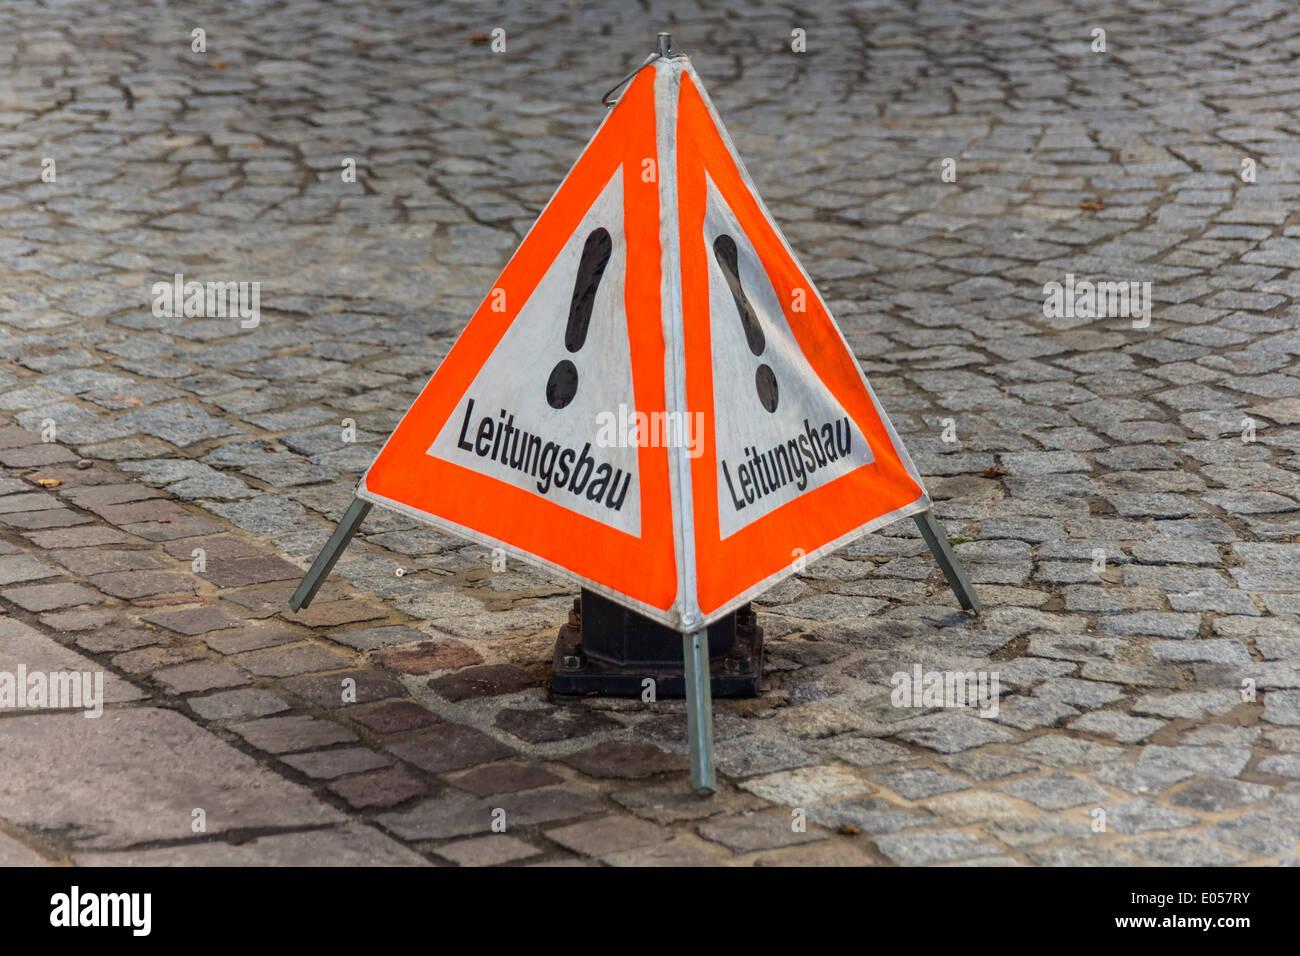 The traffic sign line construction secures a building site, Das Verkehrszeichen Leitungsbau sichert eine Baustelle Stock Photo